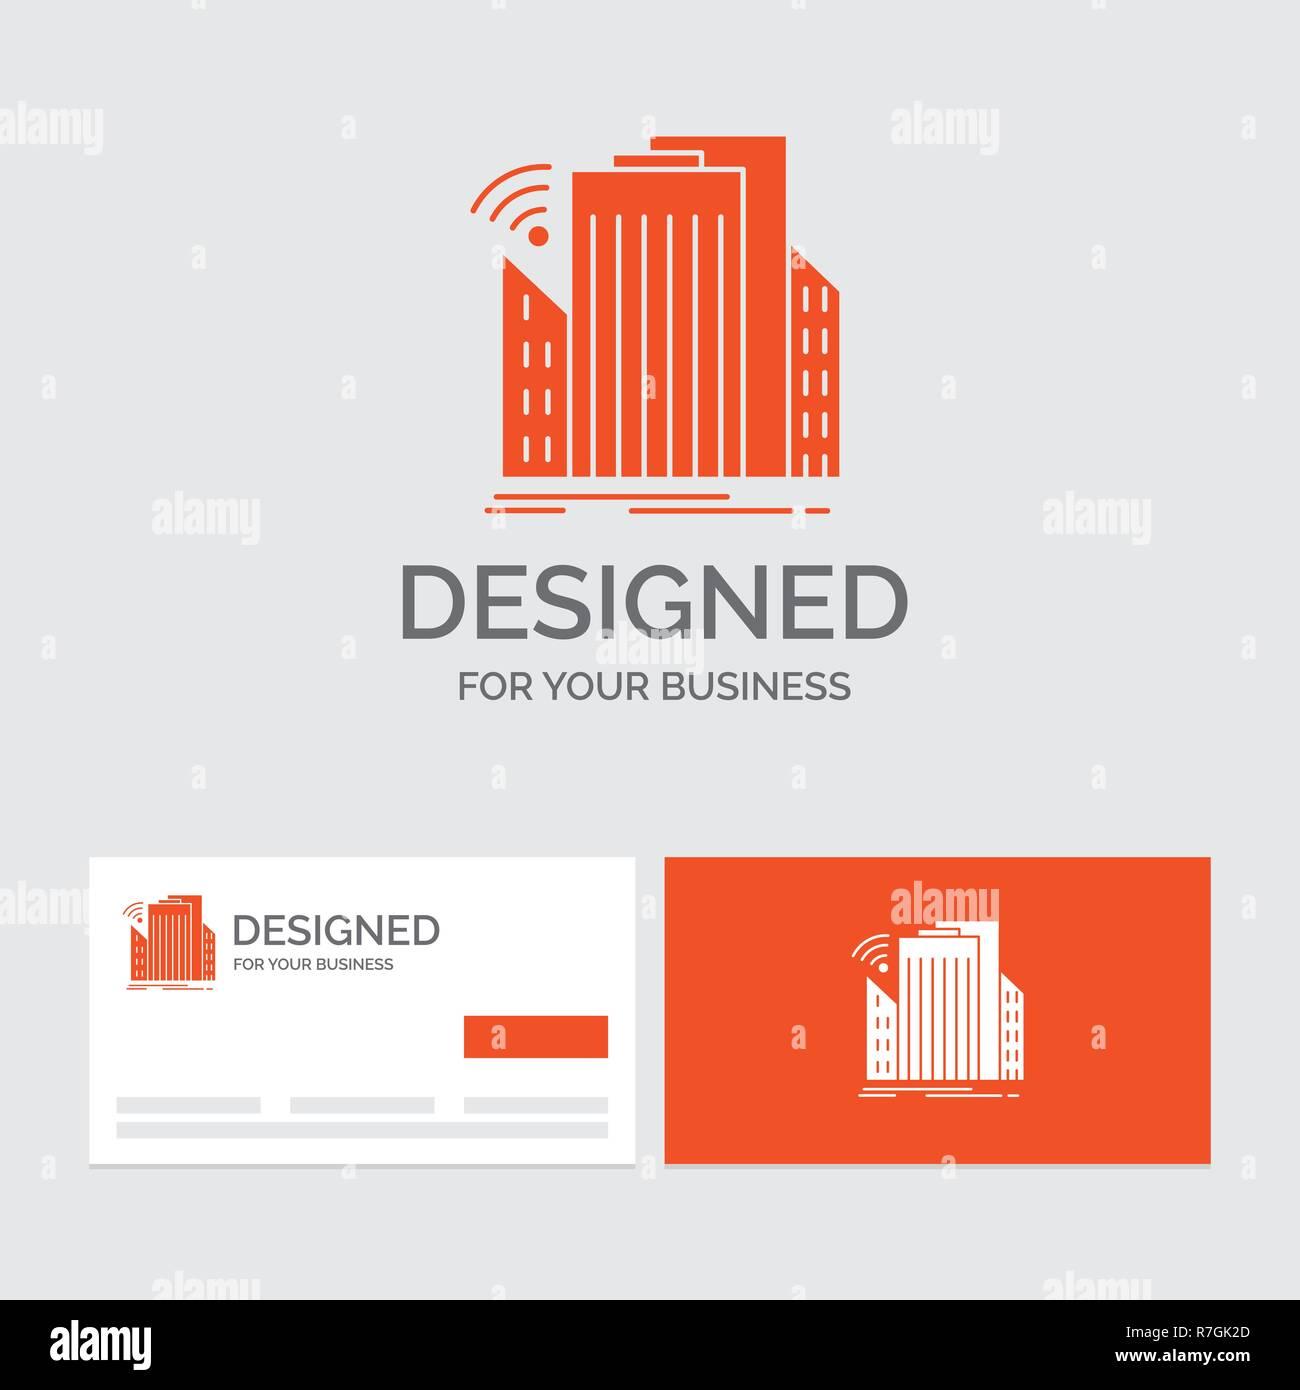 Modele De Logo Dentreprise Pour Les Batiments Ville Capteur Smart Urbain Cartes Visite Orange Avec Marque